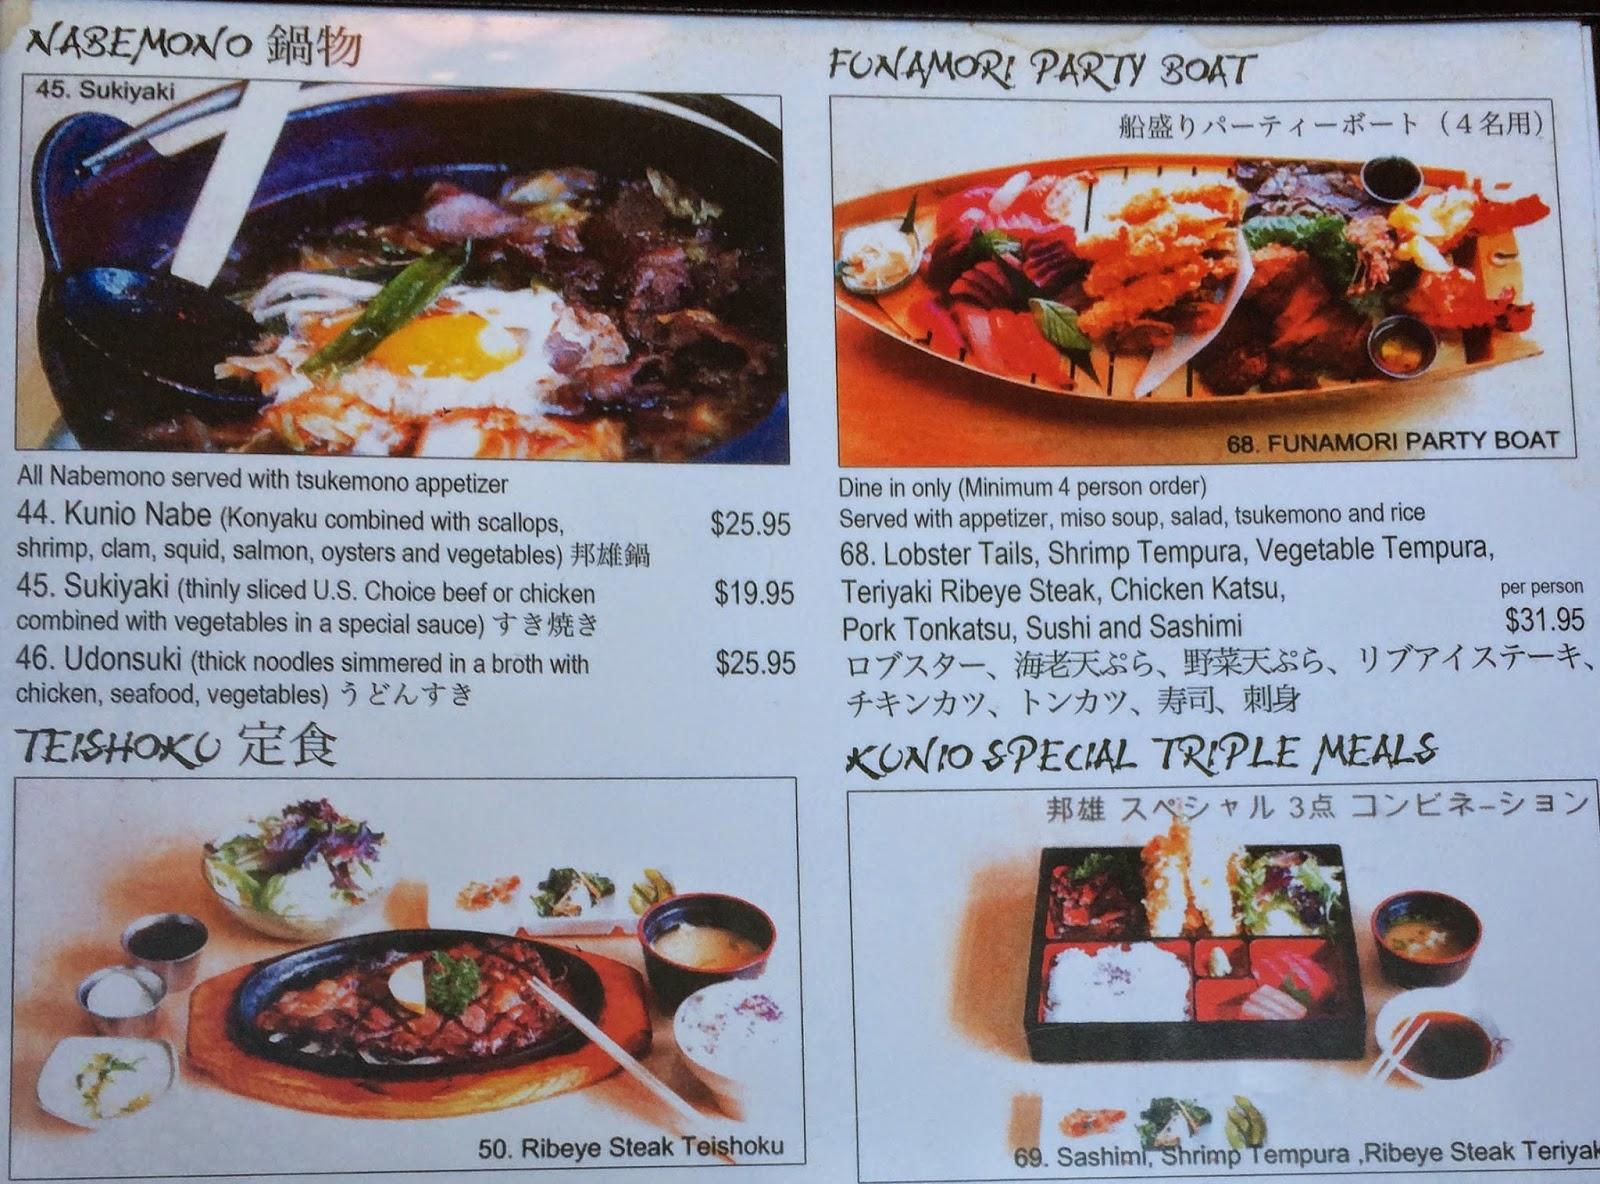 Restaurant Kunio Lunch Menu